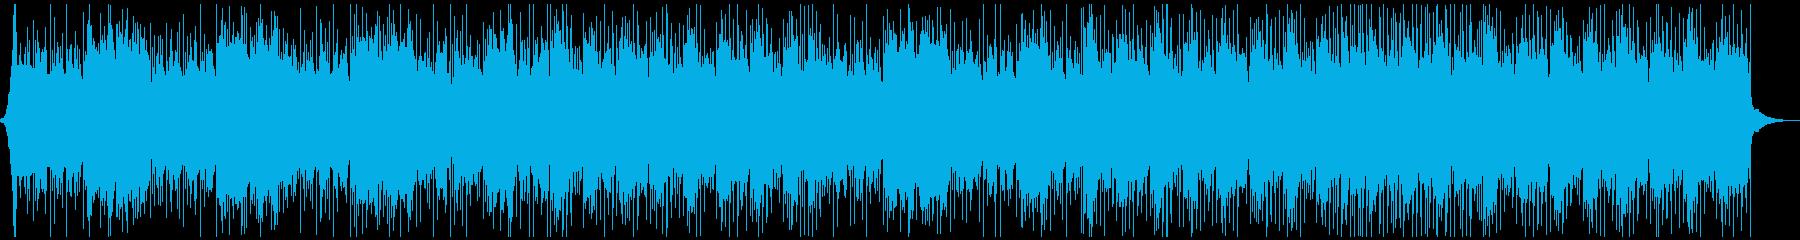 アコースティックセンチメンタル#26−5の再生済みの波形